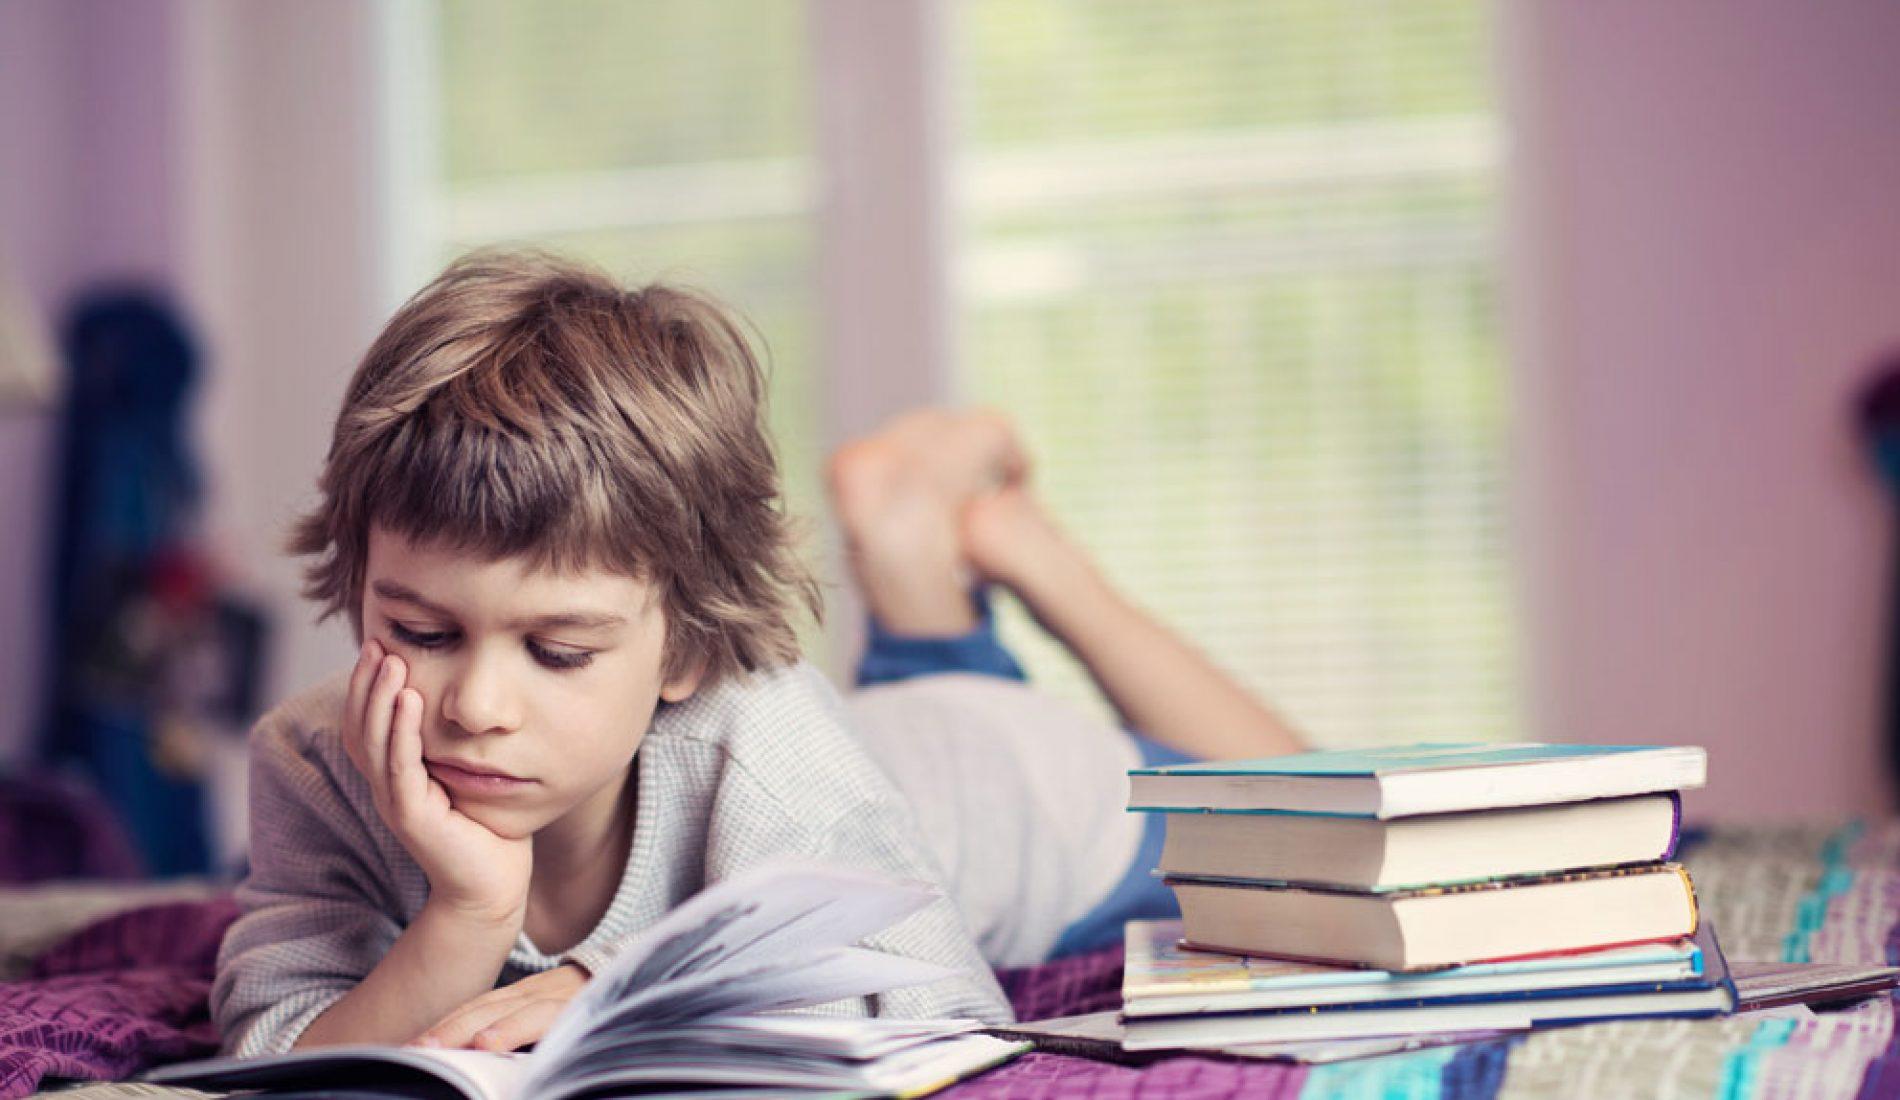 Overvurderer vi som formidler bøker barns leseferdigheter fordi vi selv er erfarne lesere? Og undervurderer vi i samme slengen bøker som er skrevet for å få barn til å lese? Det var blant temaene på et fagseminar om lettlest litteratur.